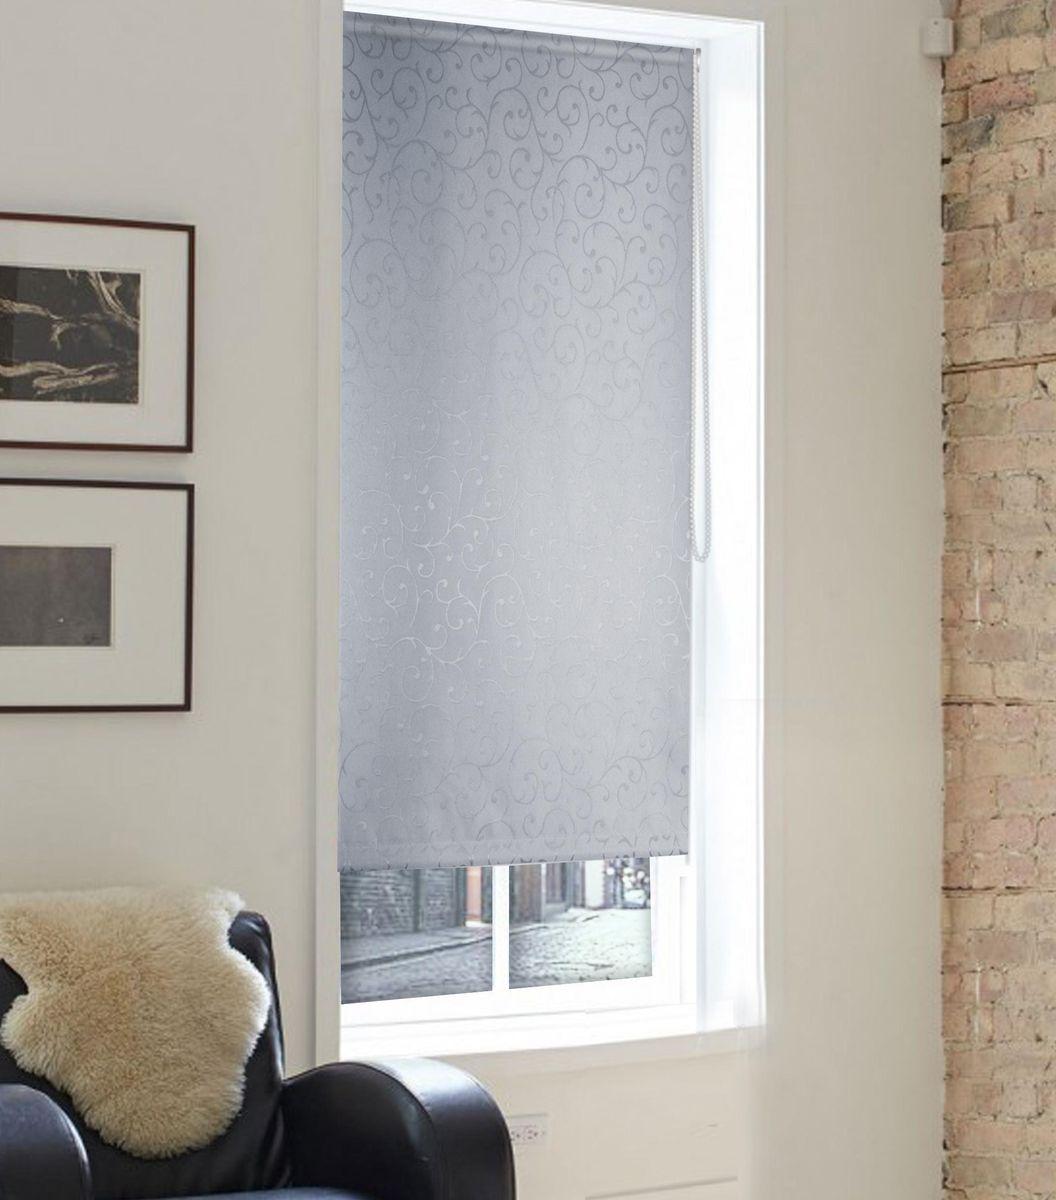 Штора рулонная Эскар Ролло. Агат, цвет: серый, ширина 120 см, высота 160 см87022120160Рулонными шторами можно оформлять окна как самостоятельно, так ииспользовать в комбинации с портьерами. Это поможет предотвратитьвыгорание дорогой ткани на солнце и соединит функционал рулонных скрасотой навесных. Преимущества применения рулонных штор для пластиковых окон: - имеют прекрасный внешний вид: многообразие и фактурность материалаизделия отлично смотрятся в любом интерьере;- многофункциональны: есть возможность подобрать шторы способныеэффективно защитить комнату от солнца, при этом она не будет слишкомтемной. - Есть возможность осуществить быстрый монтаж.ВНИМАНИЕ! Размеры ширины изделия указаны по ширине ткани! Во время эксплуатации не рекомендуется полностью разматывать рулон, чтобыне оторвать ткань от намоточного вала. В случае загрязнения поверхности ткани, чистку шторы проводят одним изспособов, в зависимости от типа загрязнения:легкое поверхностное загрязнение можно удалить при помощи канцелярскоголастика;чистка от пыли производится сухим методом при помощи пылесоса с мягкойщеткой-насадкой;для удаления пятна используйте мягкую губку с пенообразующим неагрессивныммоющим средством или пятновыводитель на натуральной основе (нельзяприменять растворители).